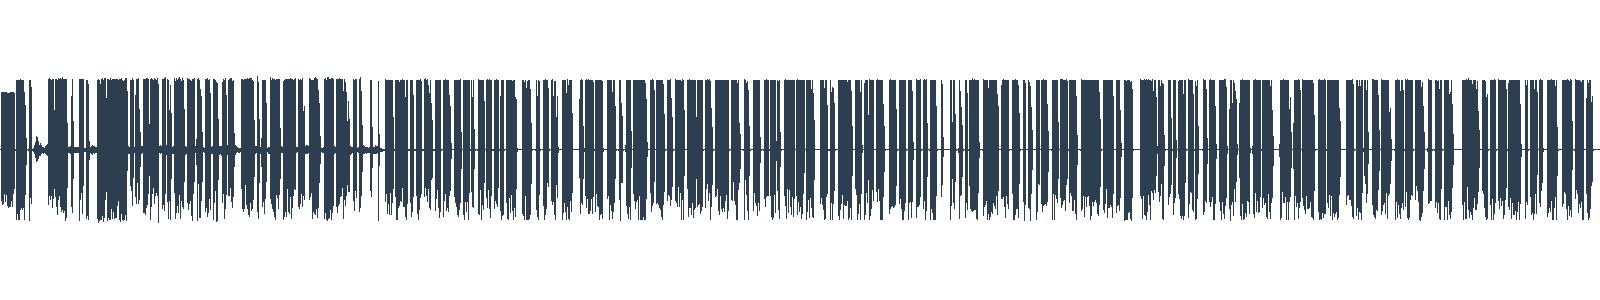 Jozef Karika - Strach waveform